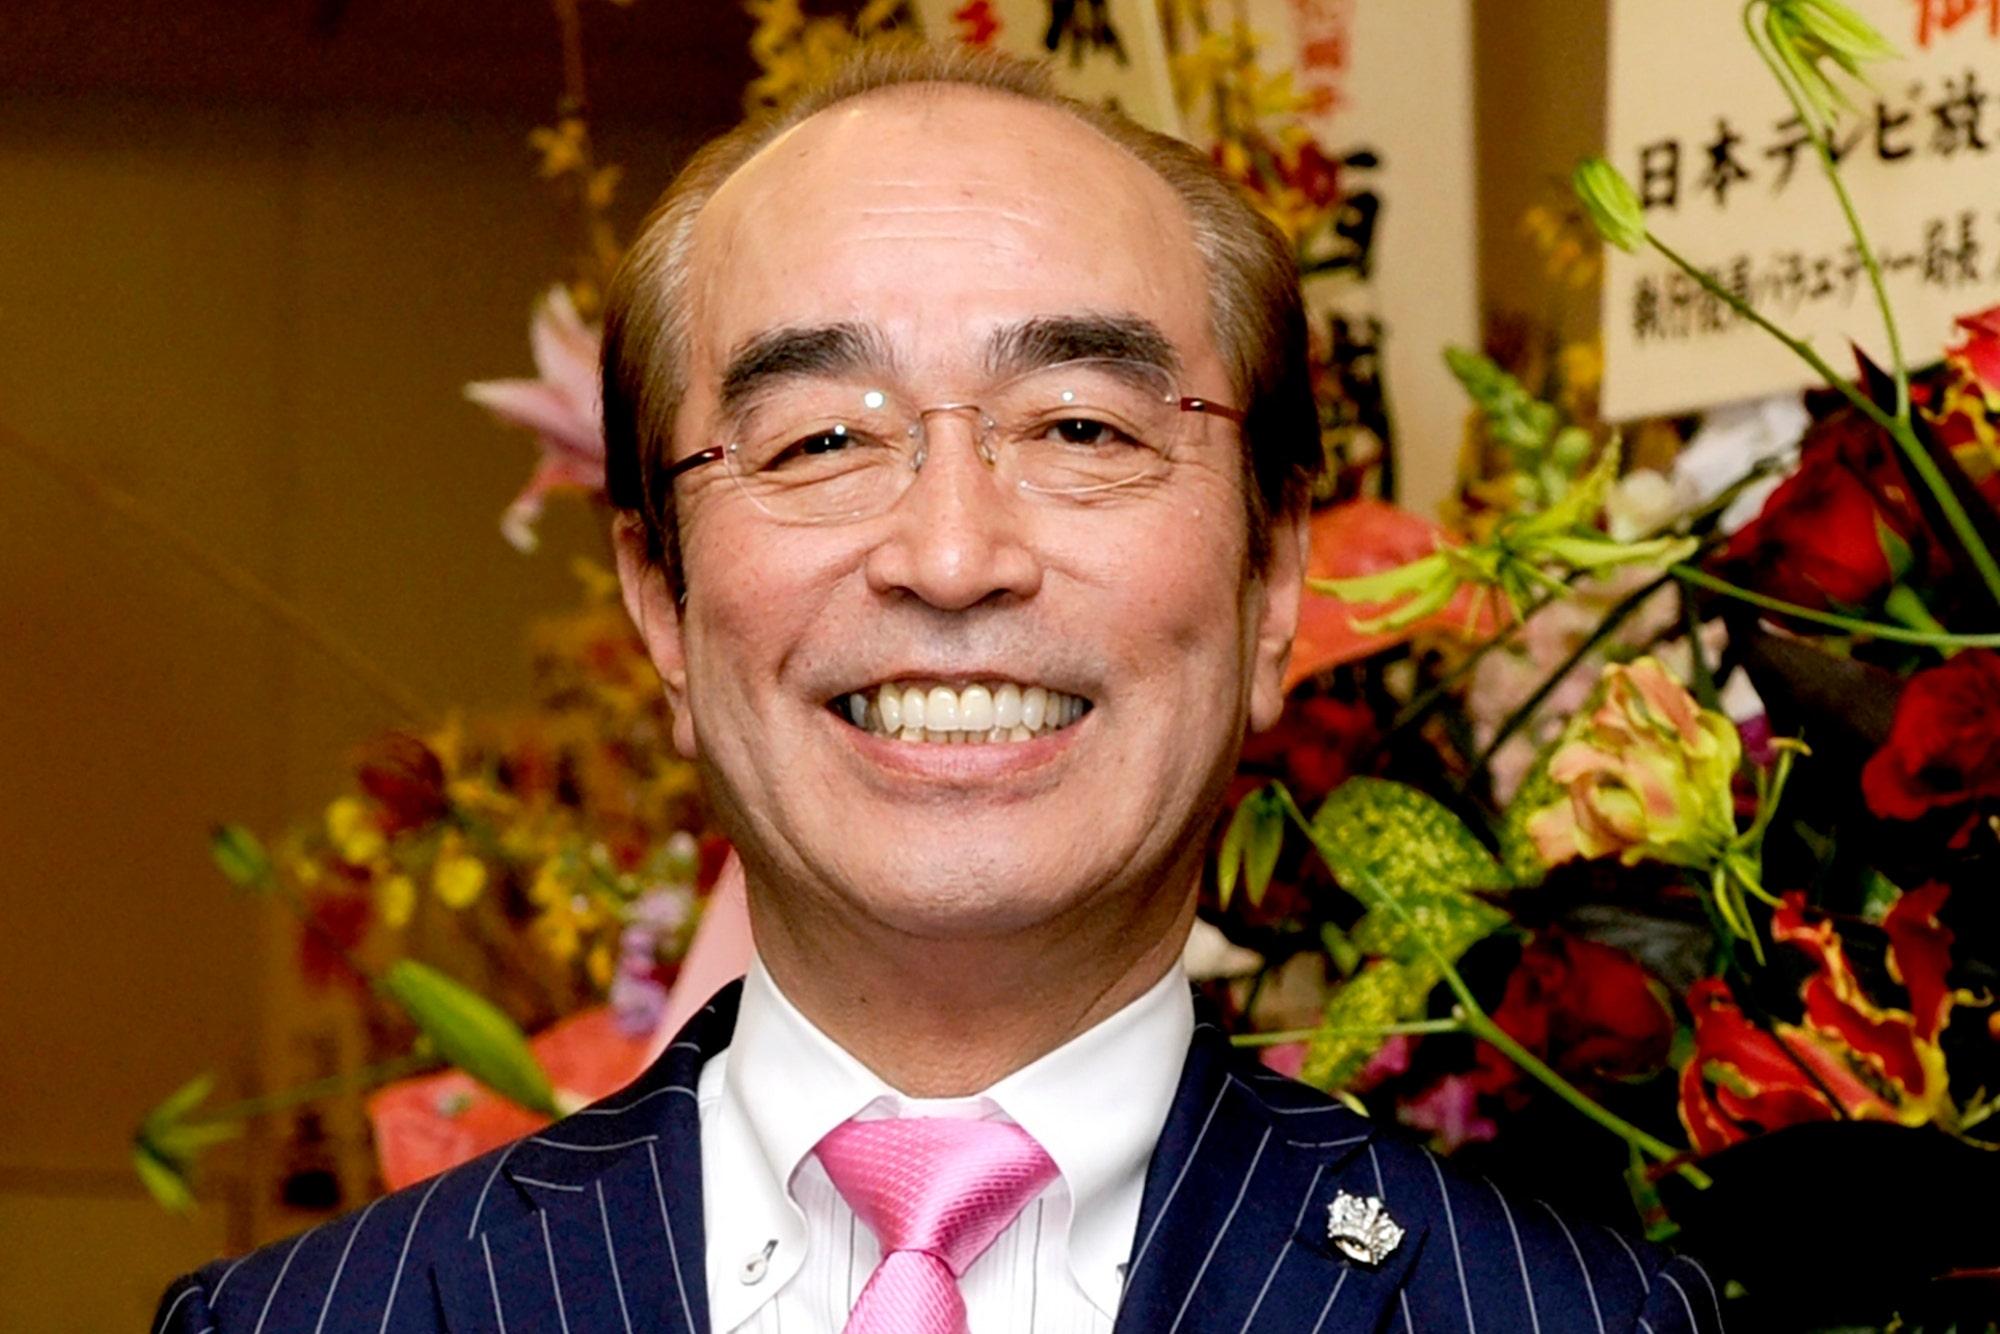 Ο κεν Shimura, δημοφιλής κωμικός στην Ιαπωνία, πέθανε στο 70 μετά από την αναθέτουσα coronavirus